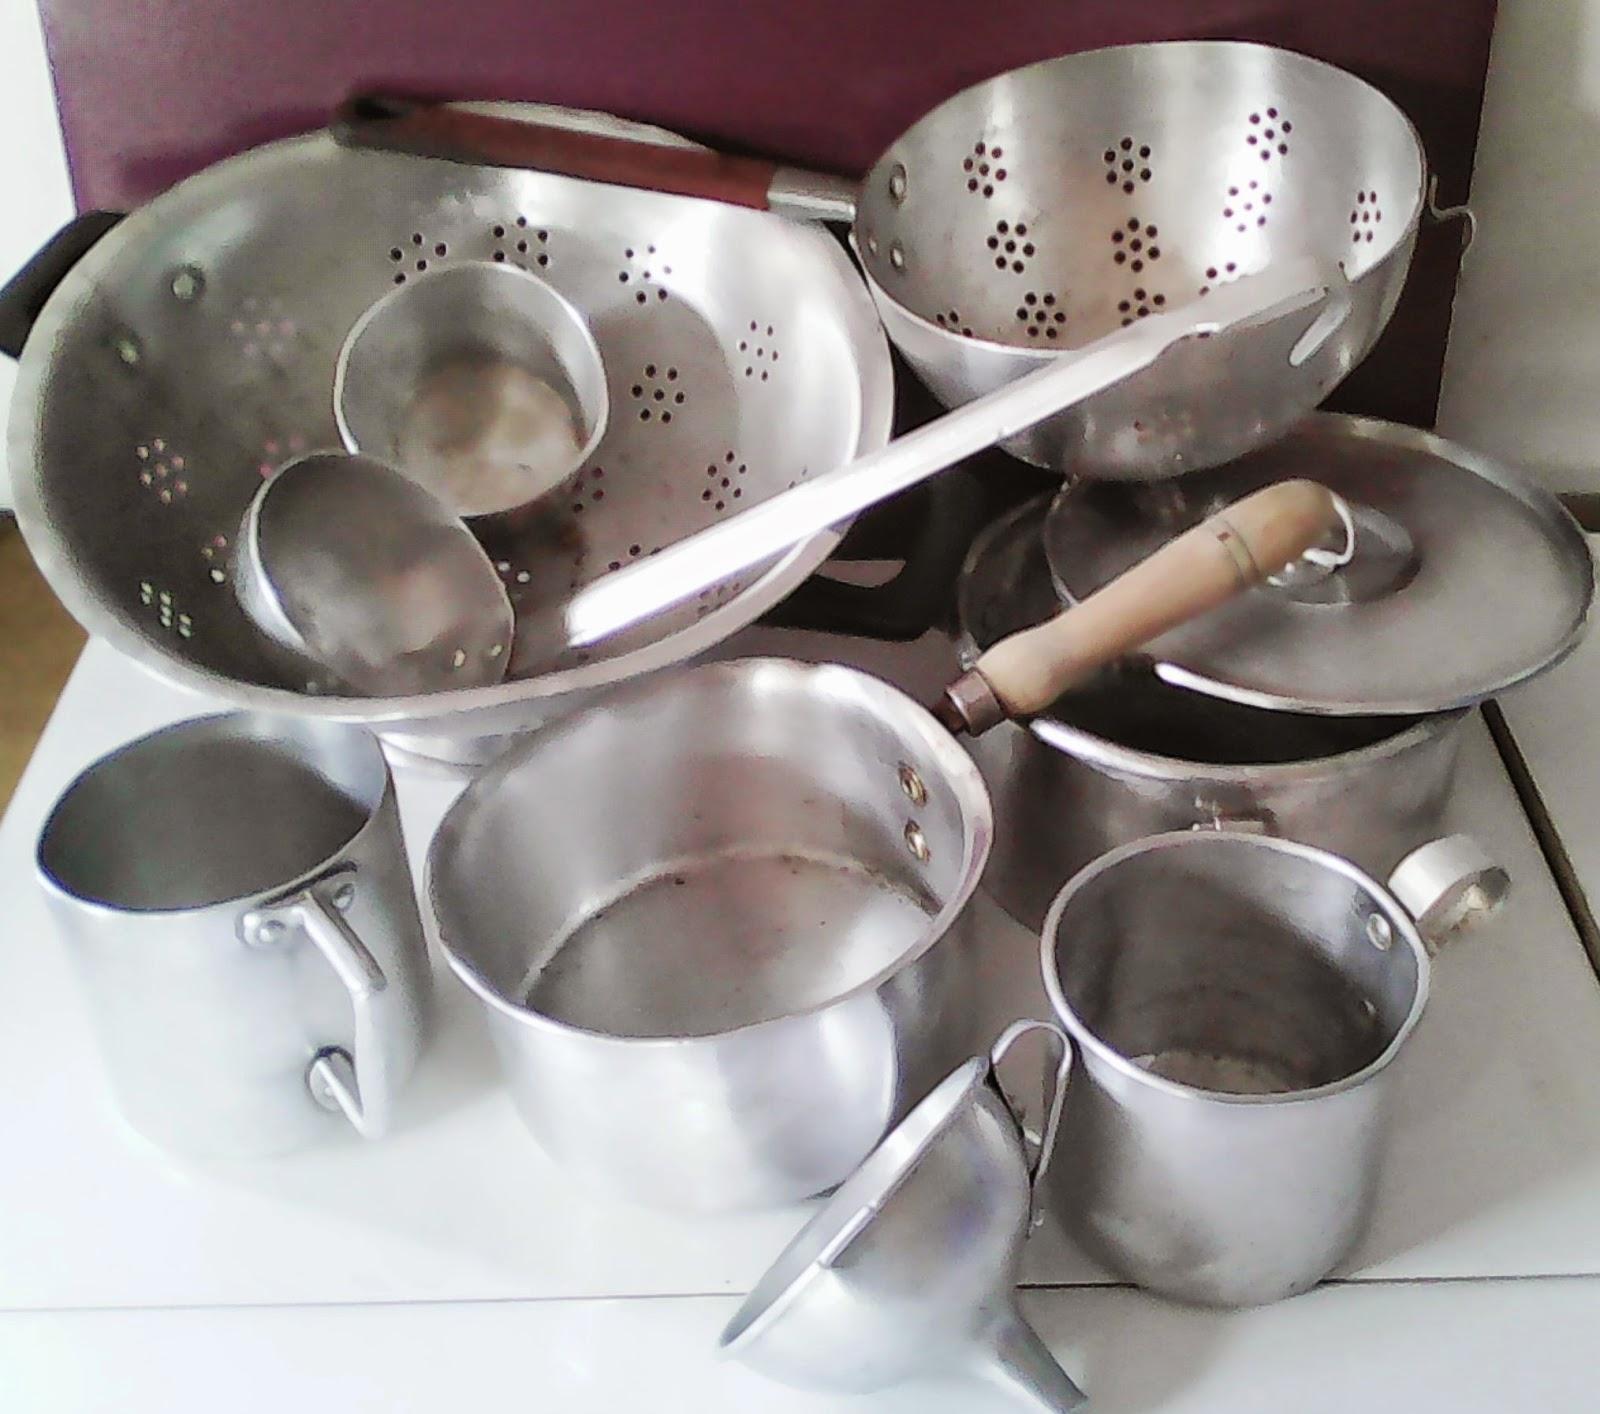 O desv n vintage do pereiro lote utensilios de cocina de for Utensilios modernos